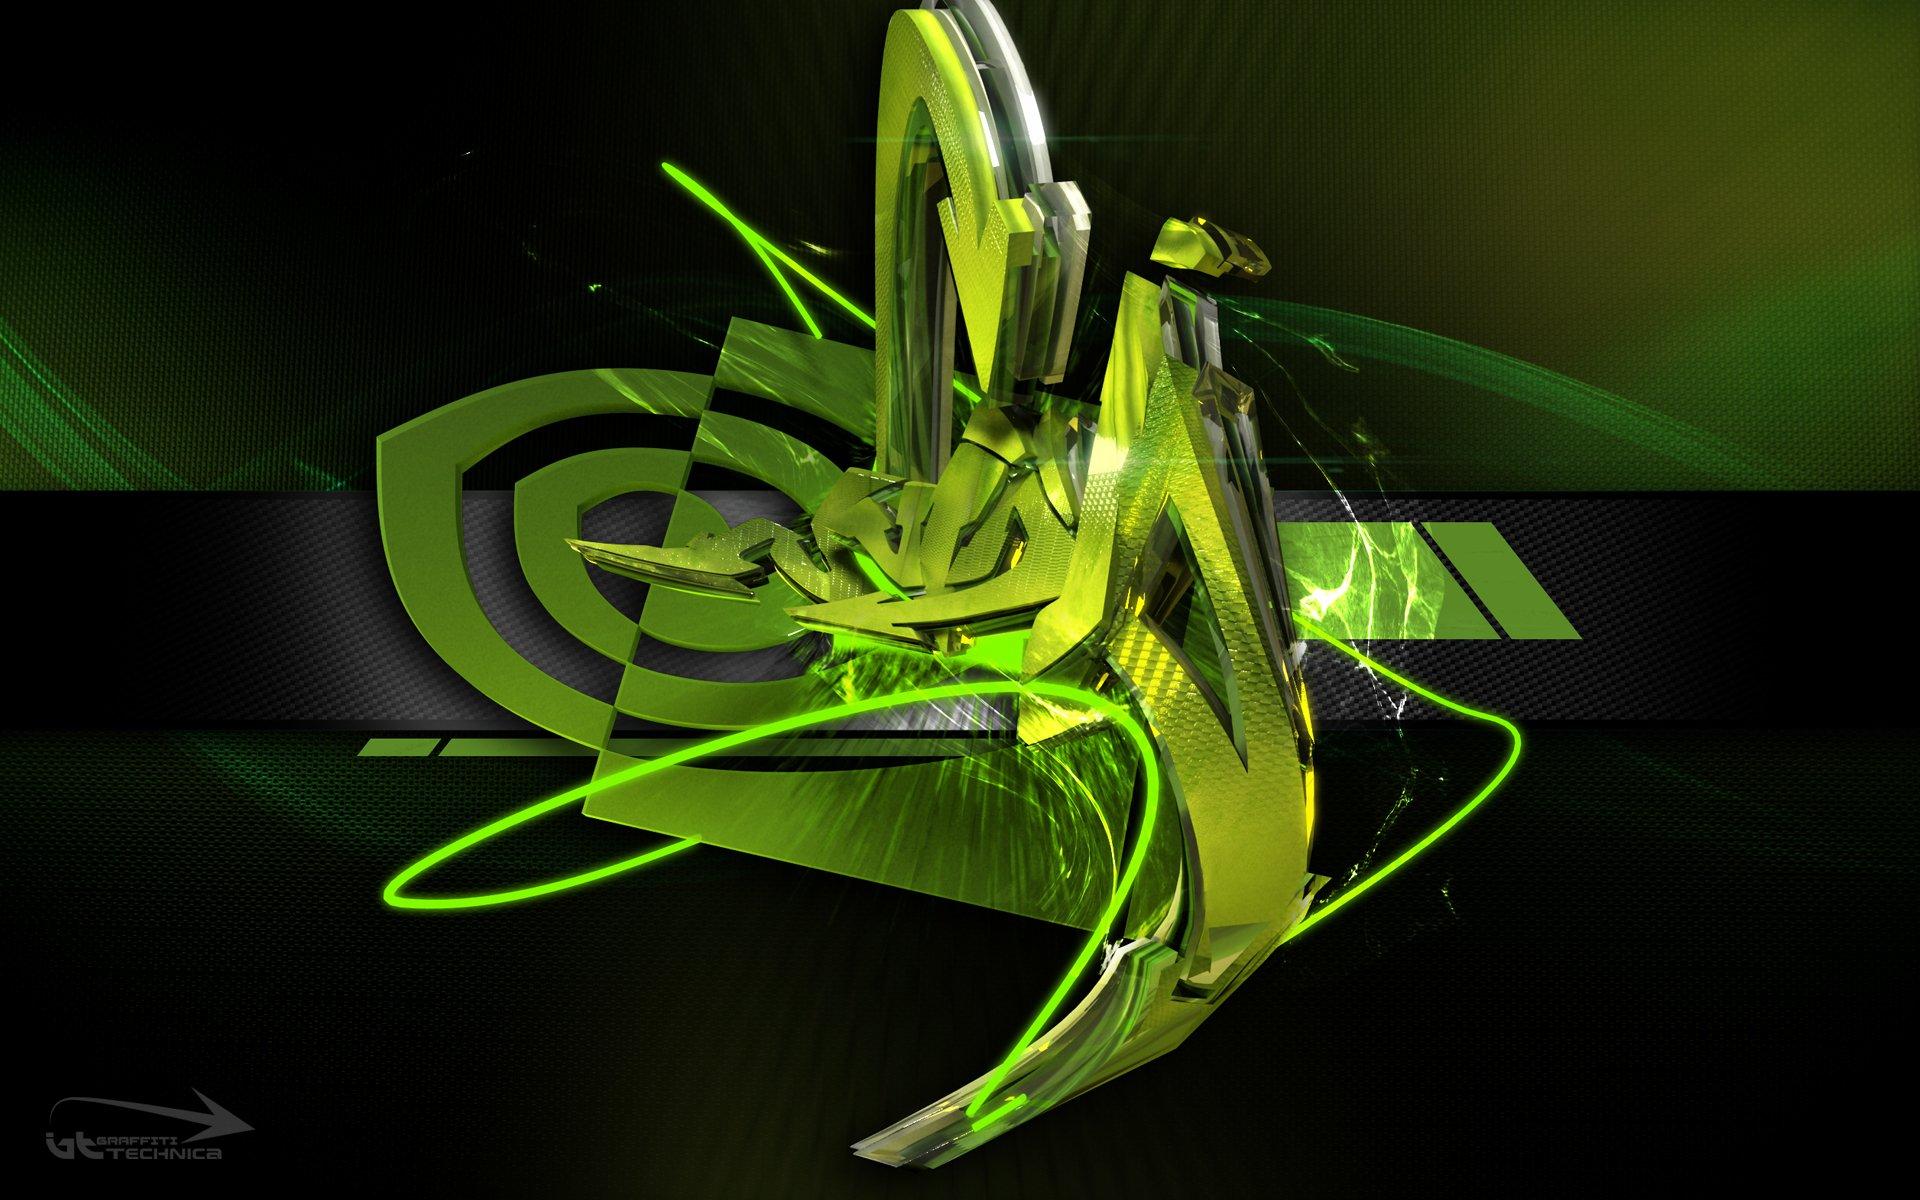 英伟达logo壁纸_Nvidia logo 高清壁纸 | 桌面背景 | 1920x1200 | ID:160325 - Wallpaper Abyss